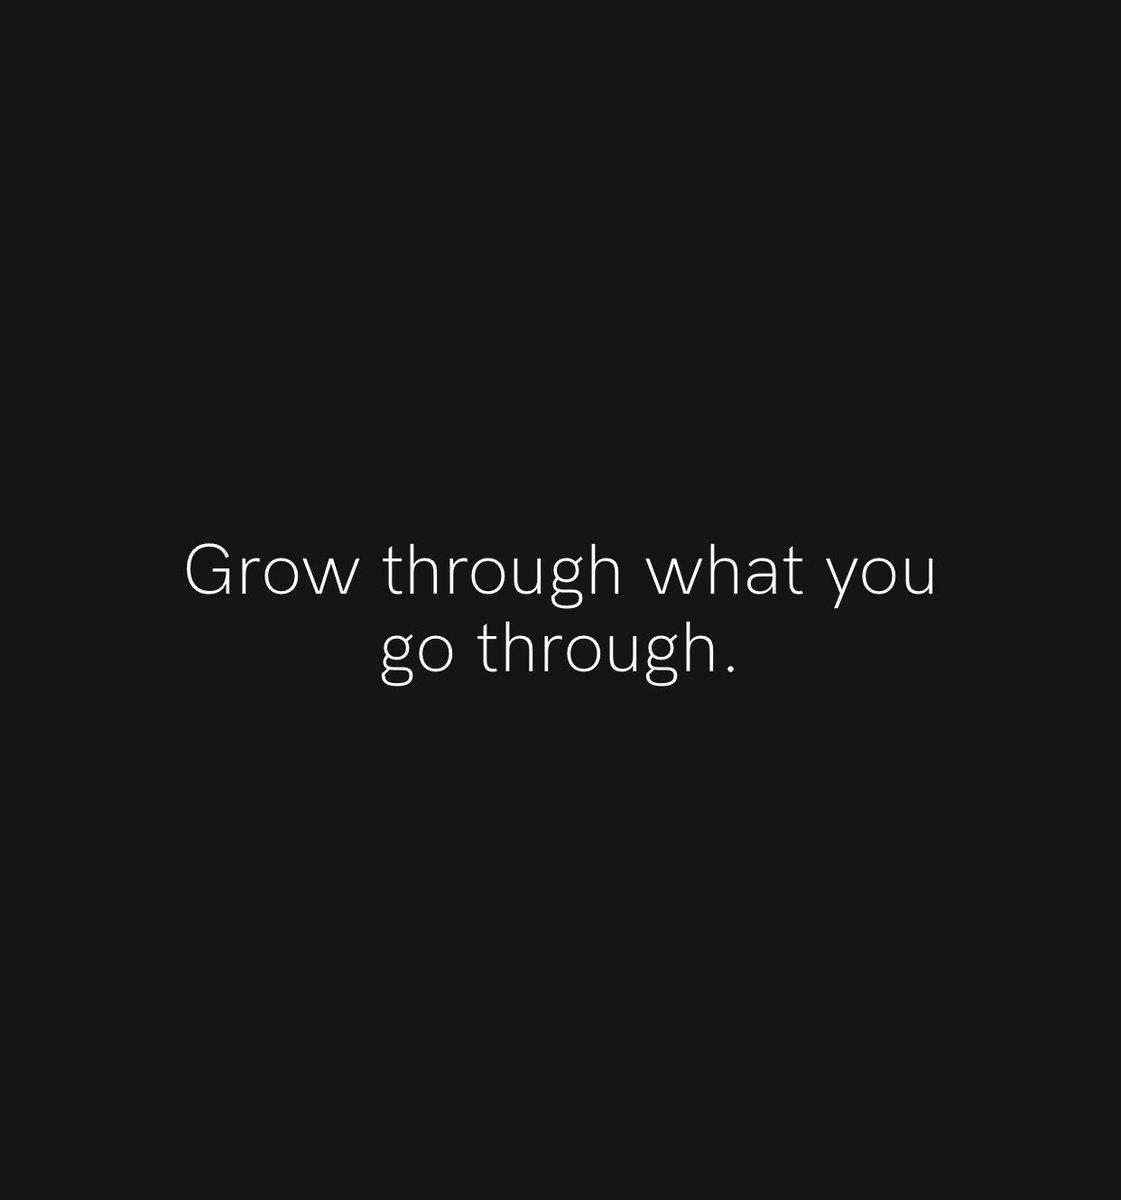 #GrowthMindset #HRCommunity #growthroughwhatyougothrough #pma #recruitertwitter #sundayvibes